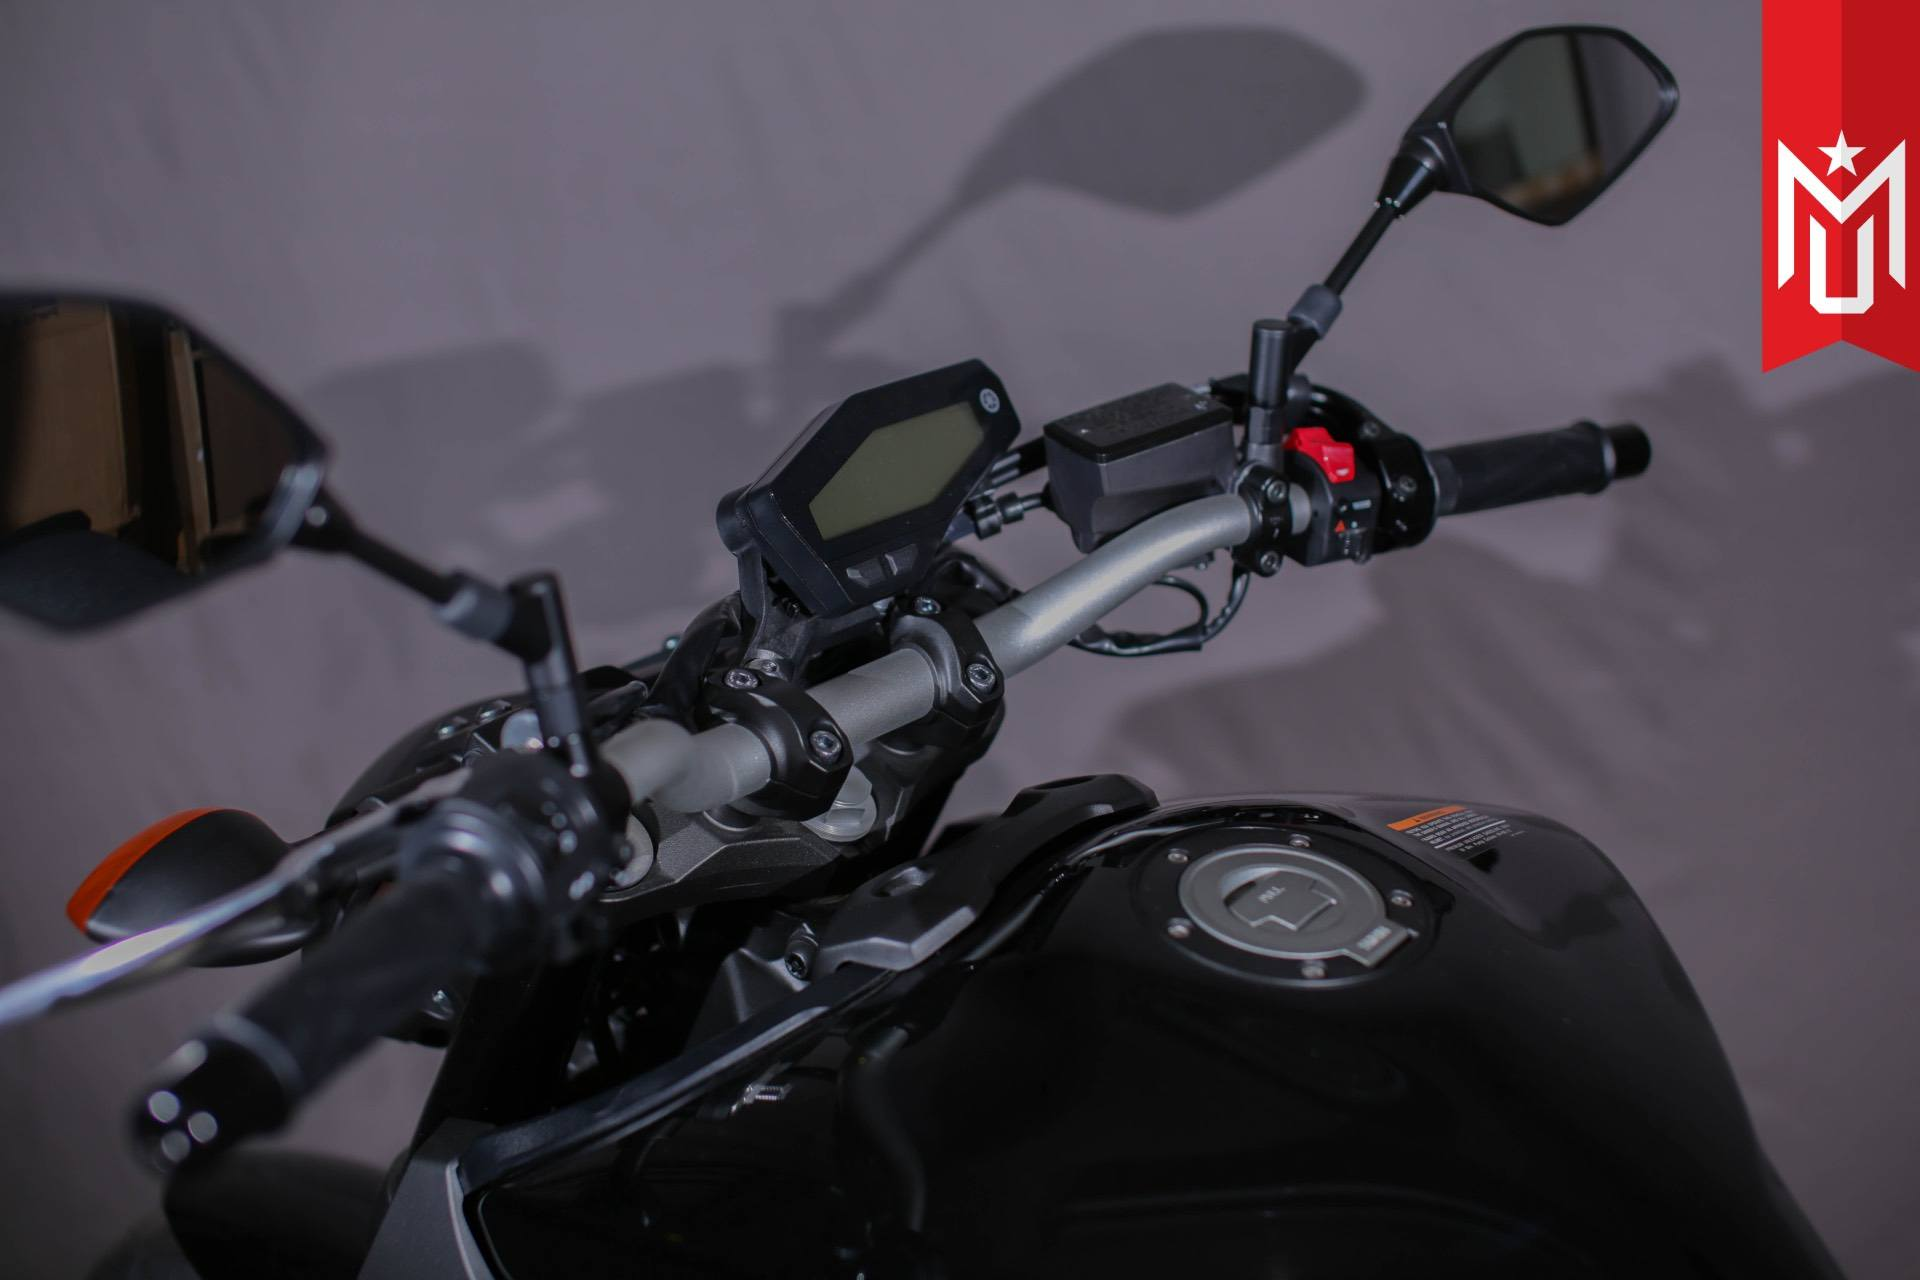 2016 Yamaha FZ-09 6